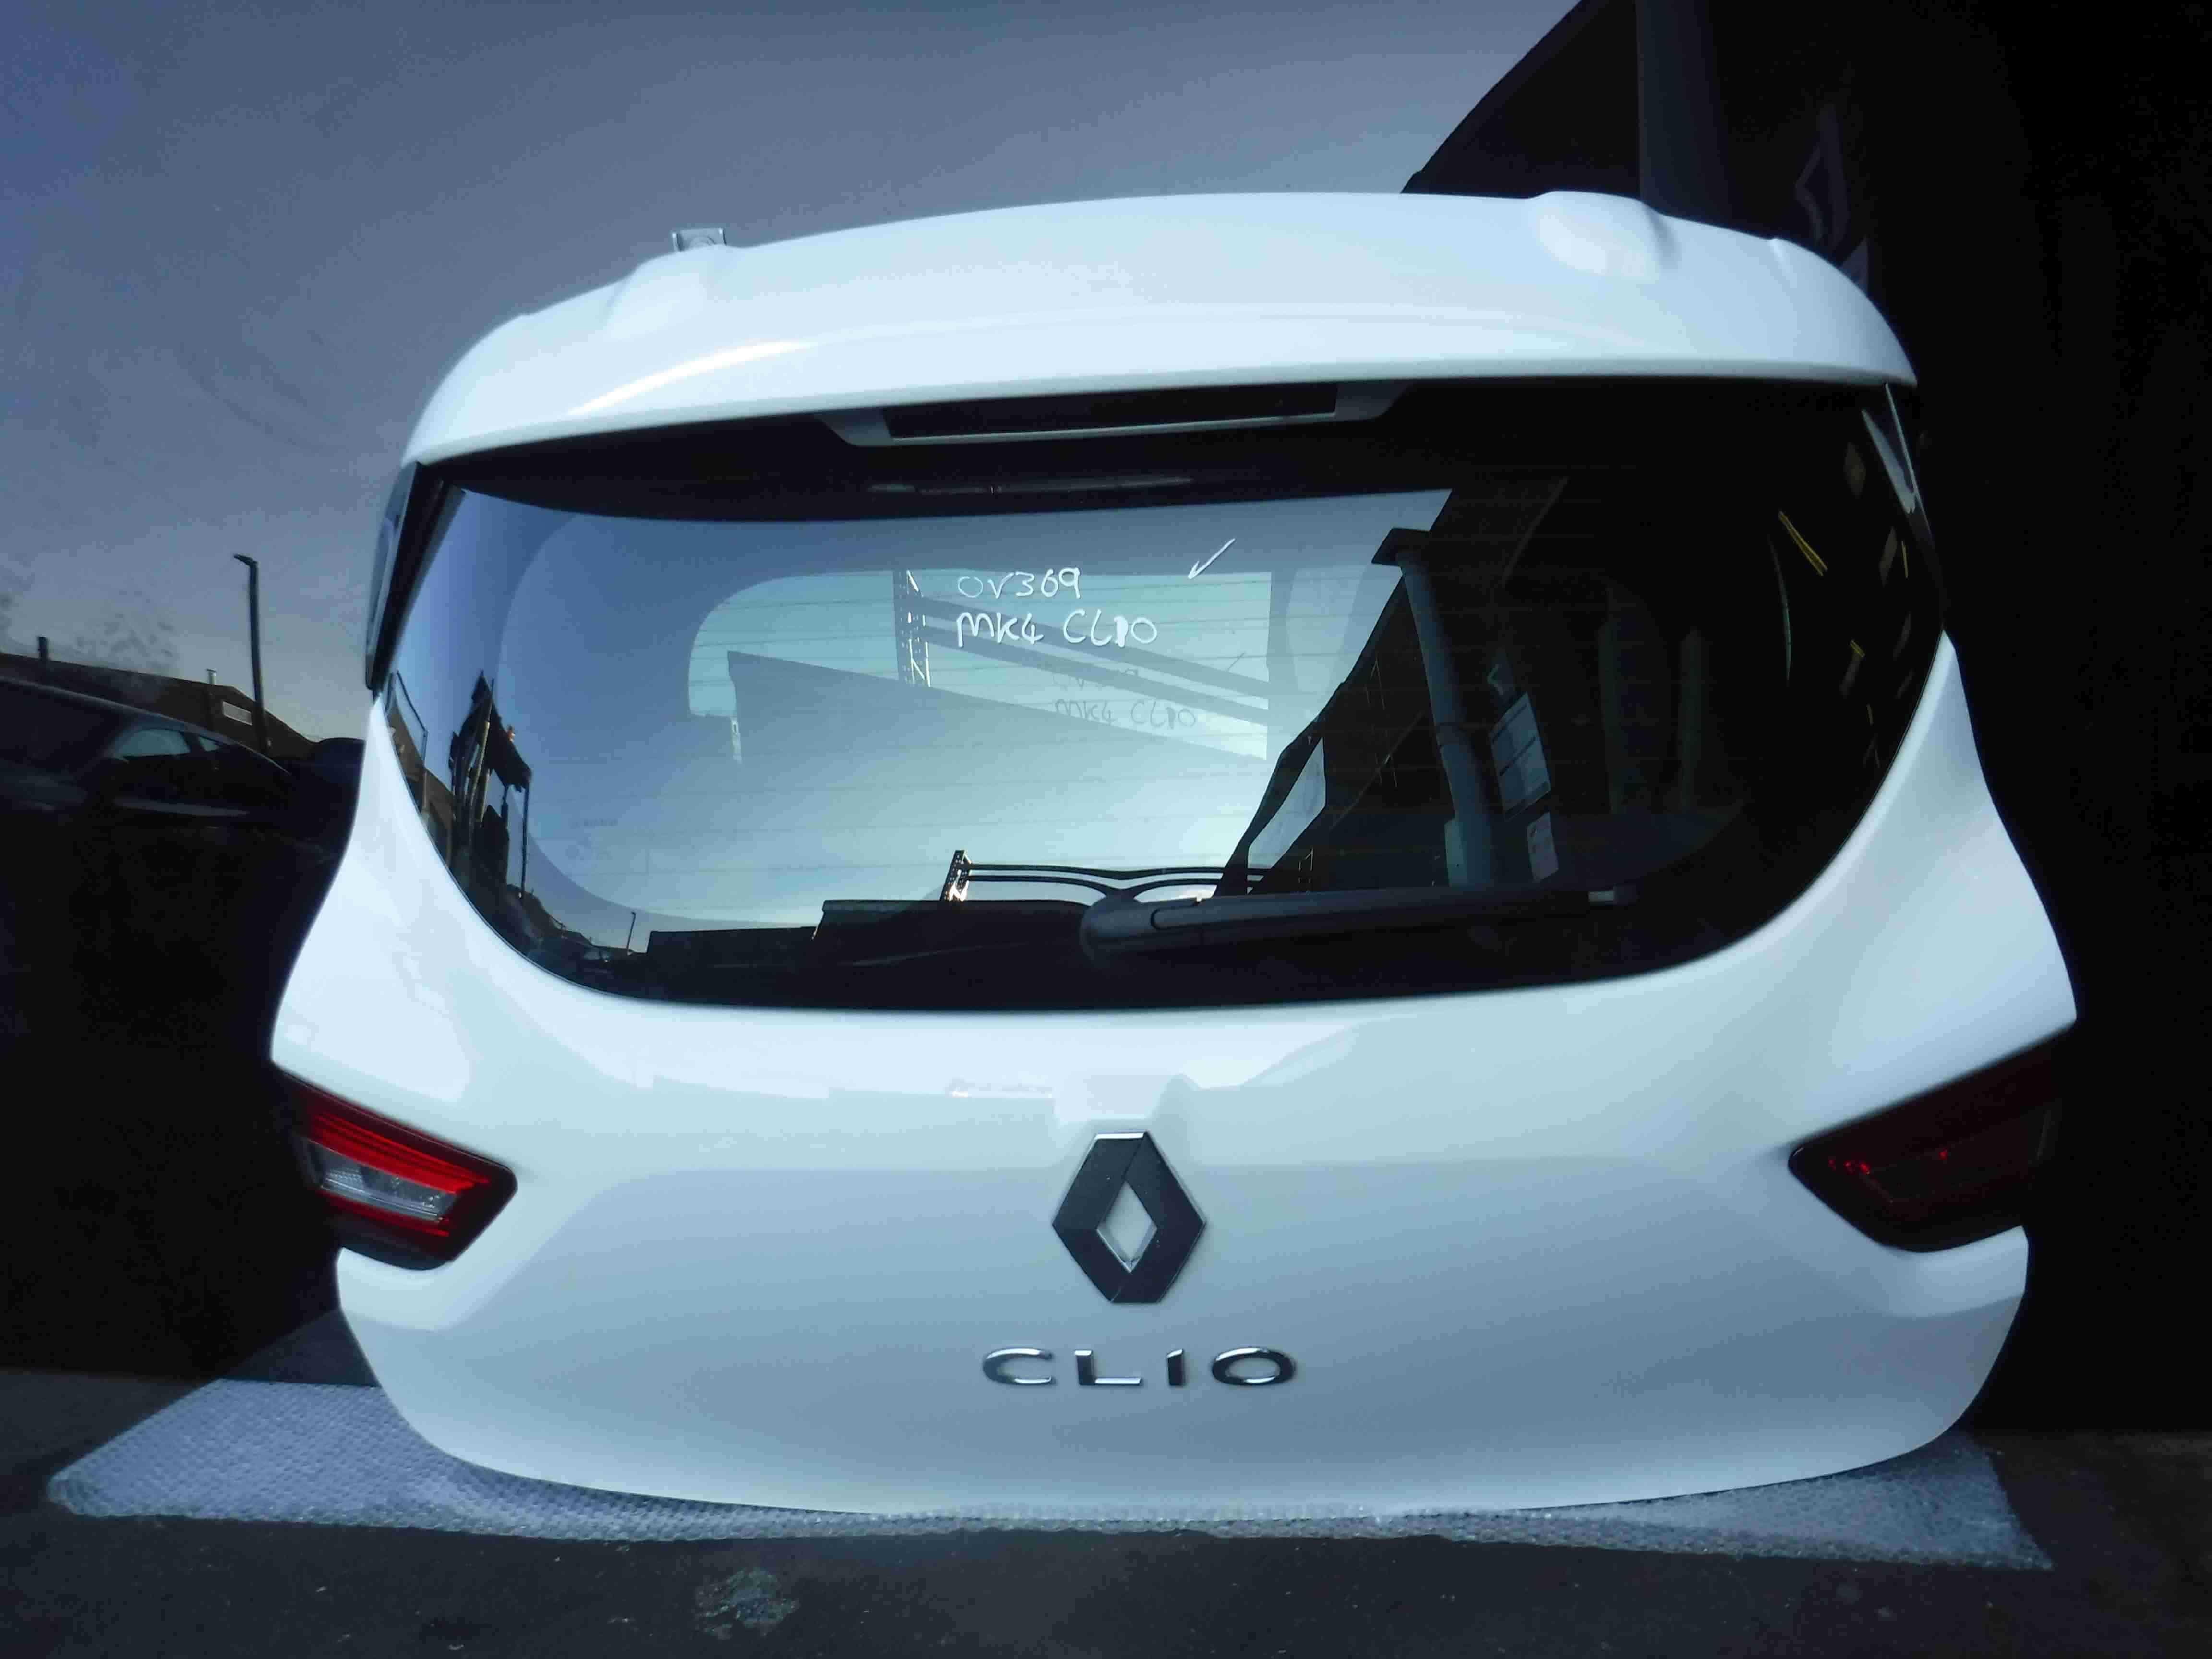 Renault Clio MK4 2013-2015 Rear Tailgate Boot White OV369